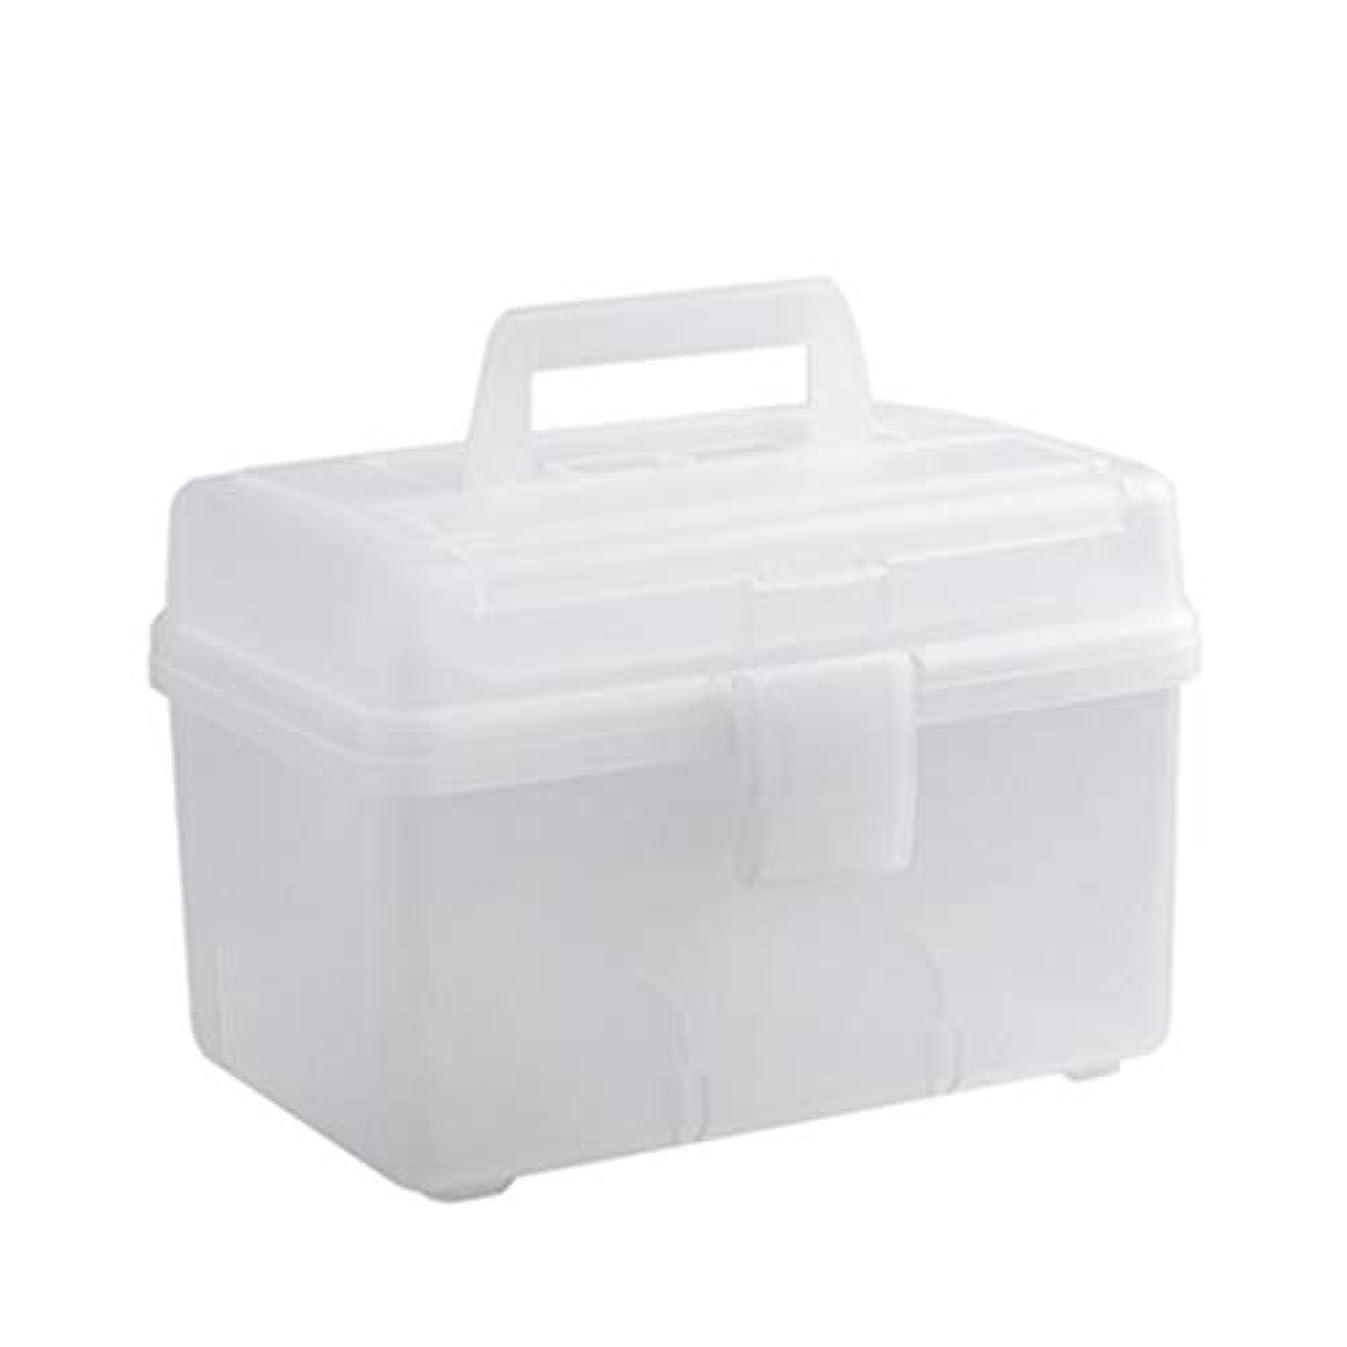 地殻懇願する倉庫医療用キット ポータブル薬箱世帯大容量多層薬収納ボックス3色オプション(クリア、グレー、ホワイト) QDDSP (Color : Clear)